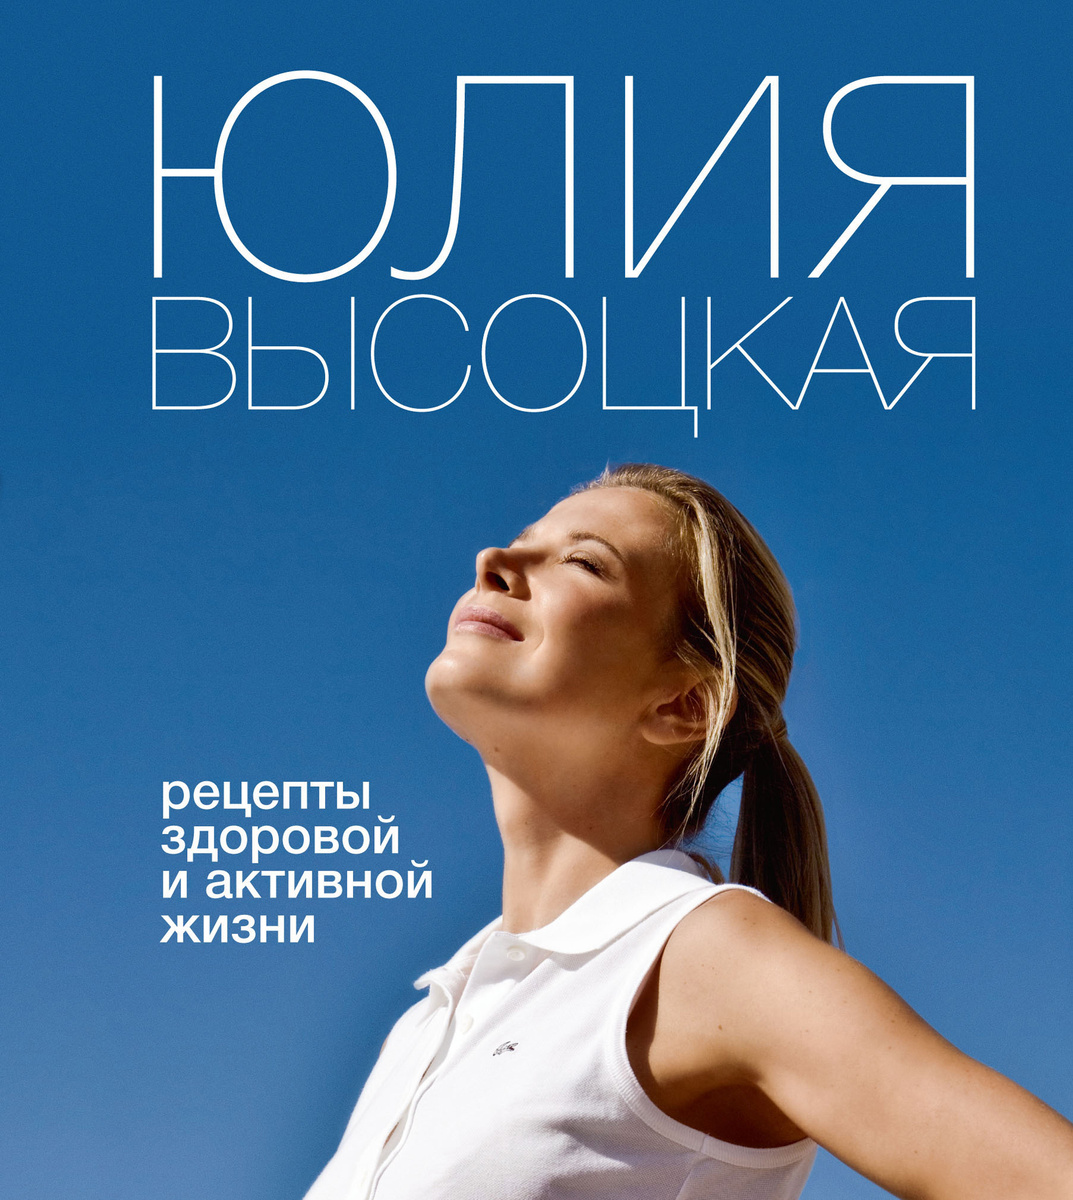 Рецепты здоровой и активной жизни | Высоцкая Юлия Александровна  #1